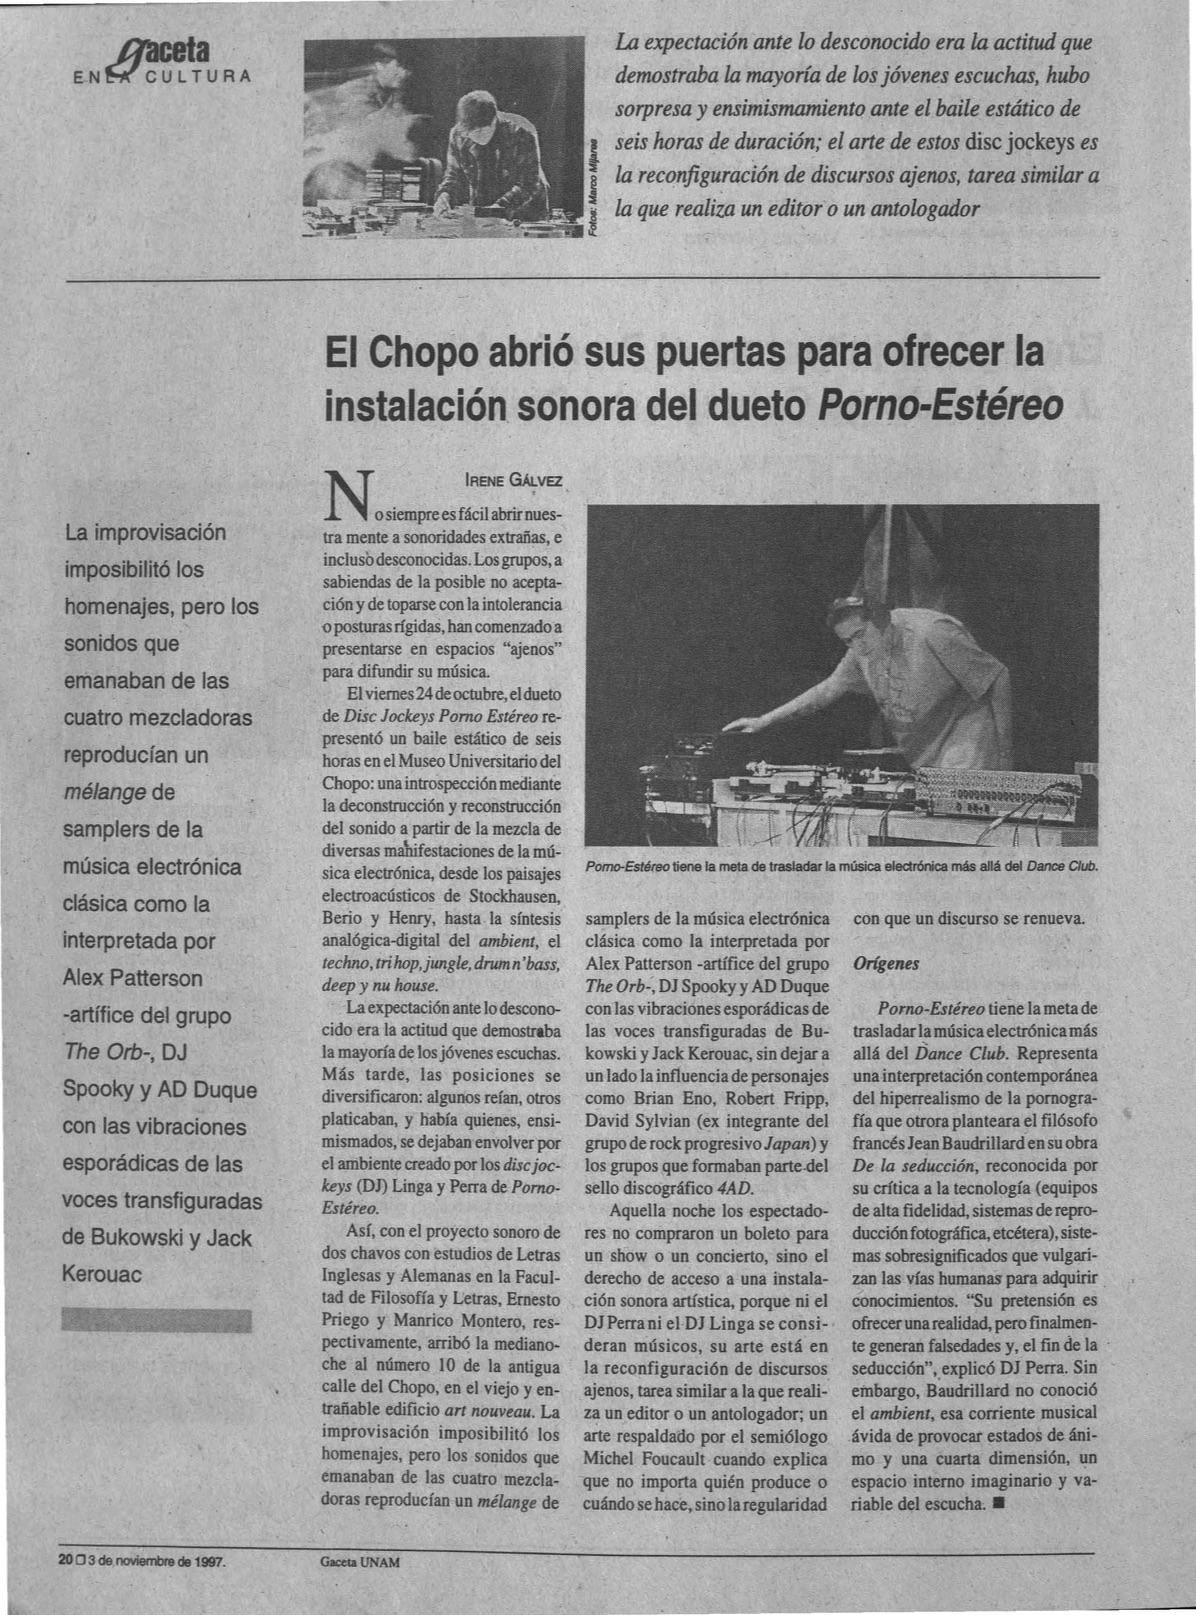 EL CHOPO ABRIÓ SUS PUERTAS PARA OFRECER LA INSTALACIÓN SONORA DEL DUETO PORNO-ESTÉREO